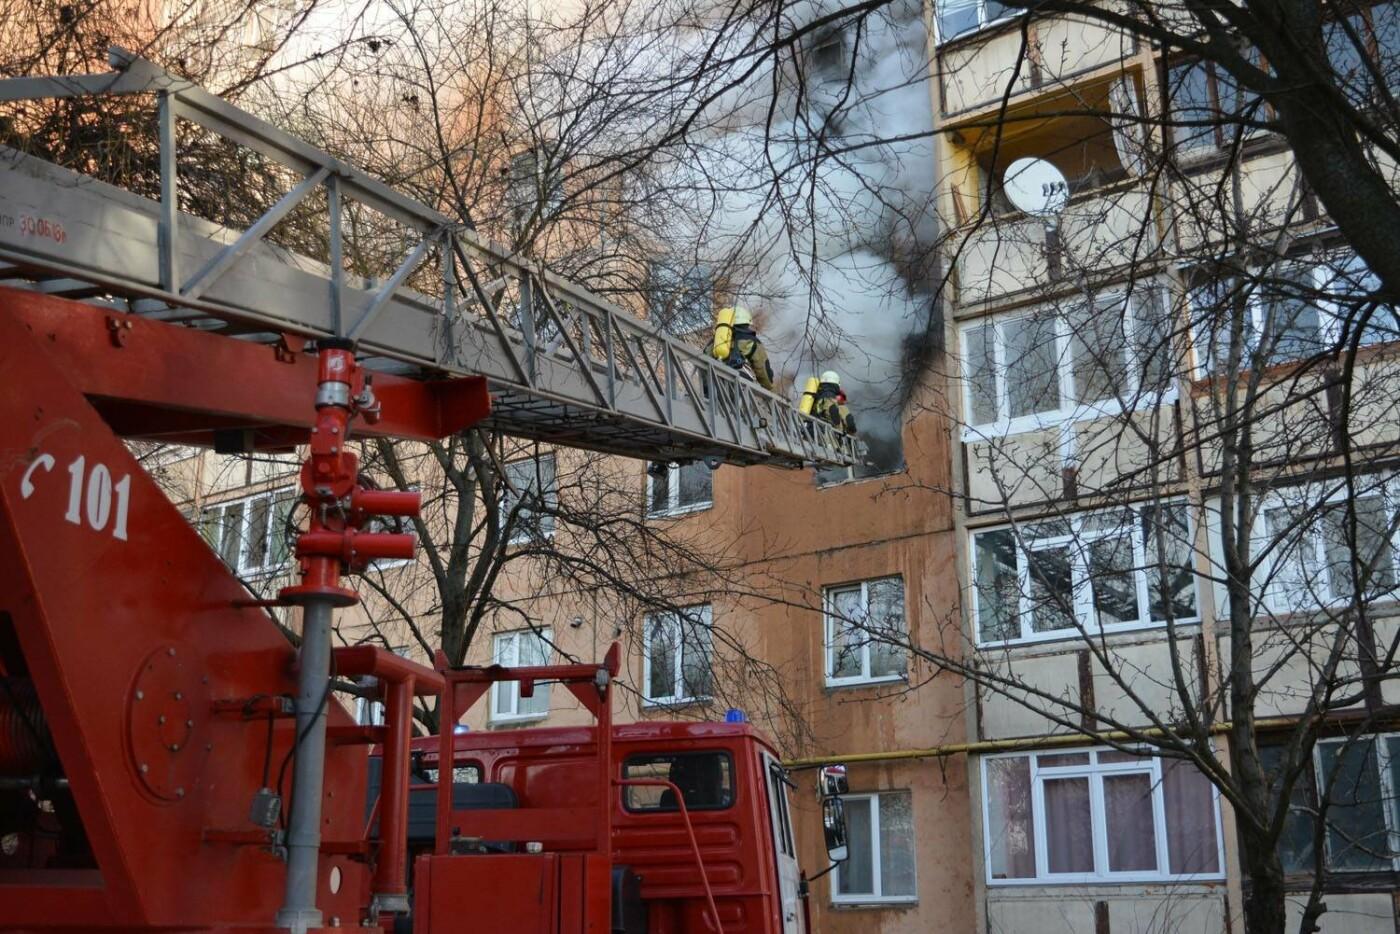 Через пожежу у багатоповерхівці на Годинки в Ужгороді евакуювали 20 чоловік, згоріли 2 кімнати (ФОТО, ВІДЕО, УСІ ПОДРОБИЦІ), фото-9